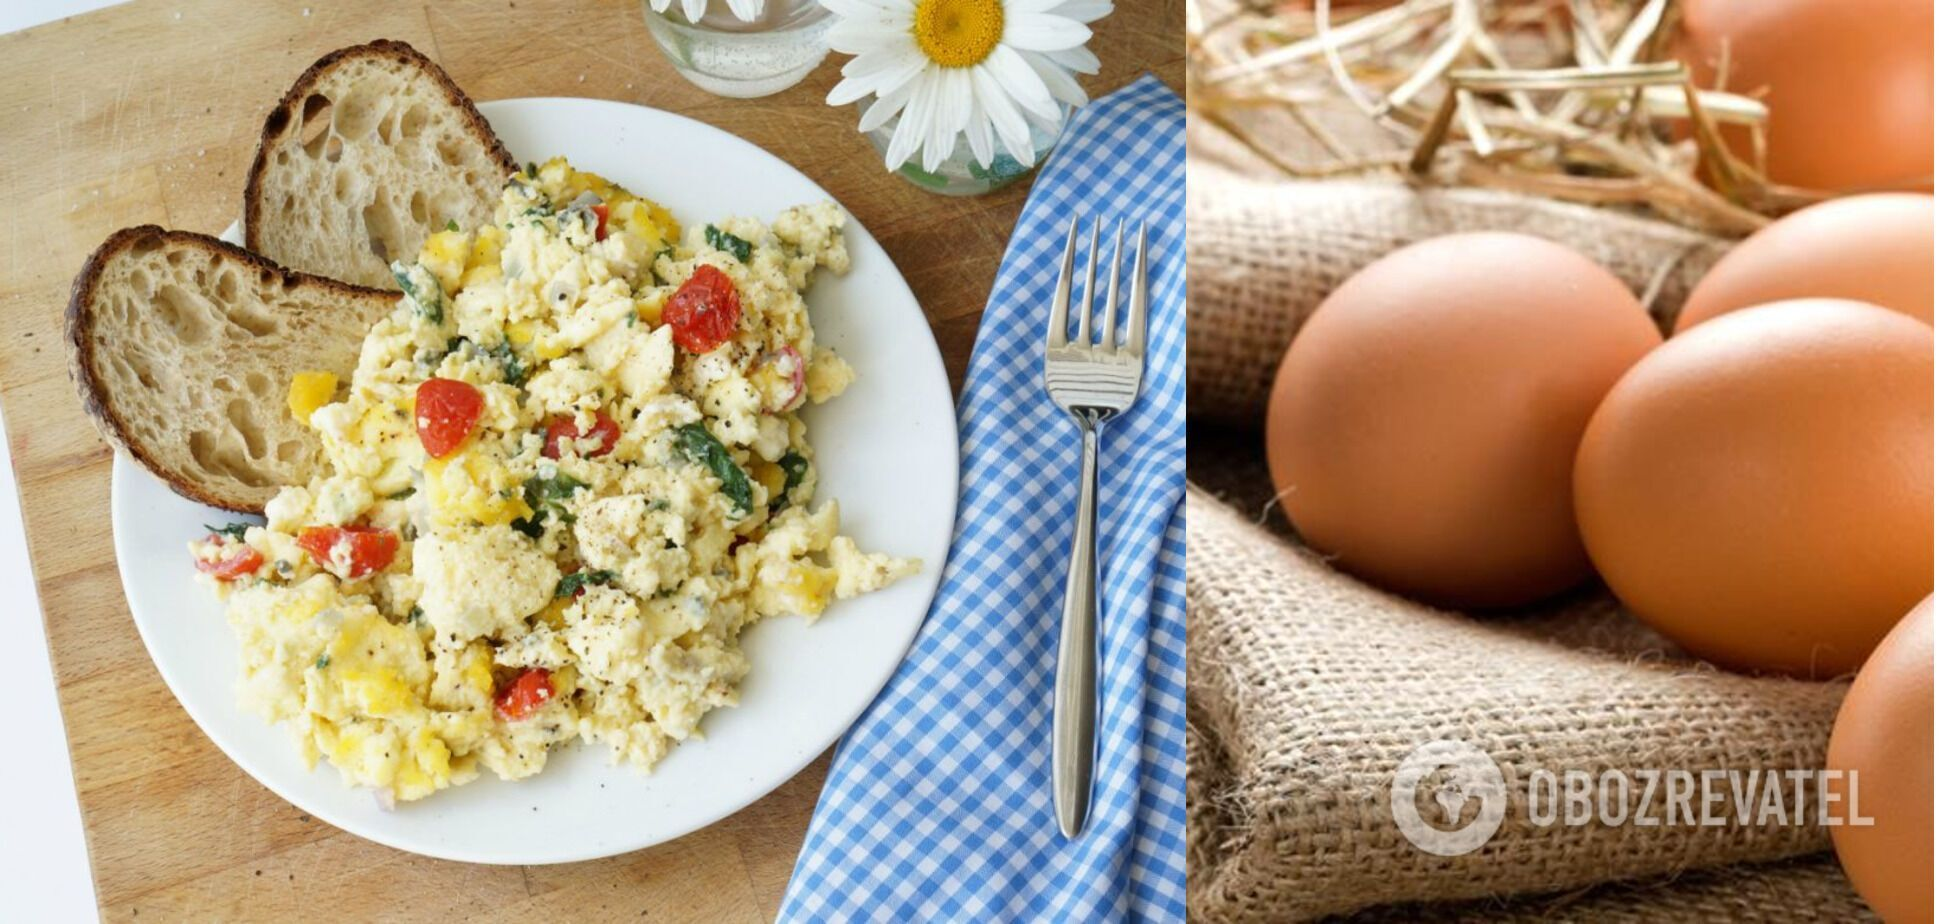 Скрэмбл: как приготовить вкуснейший завтрак из яиц